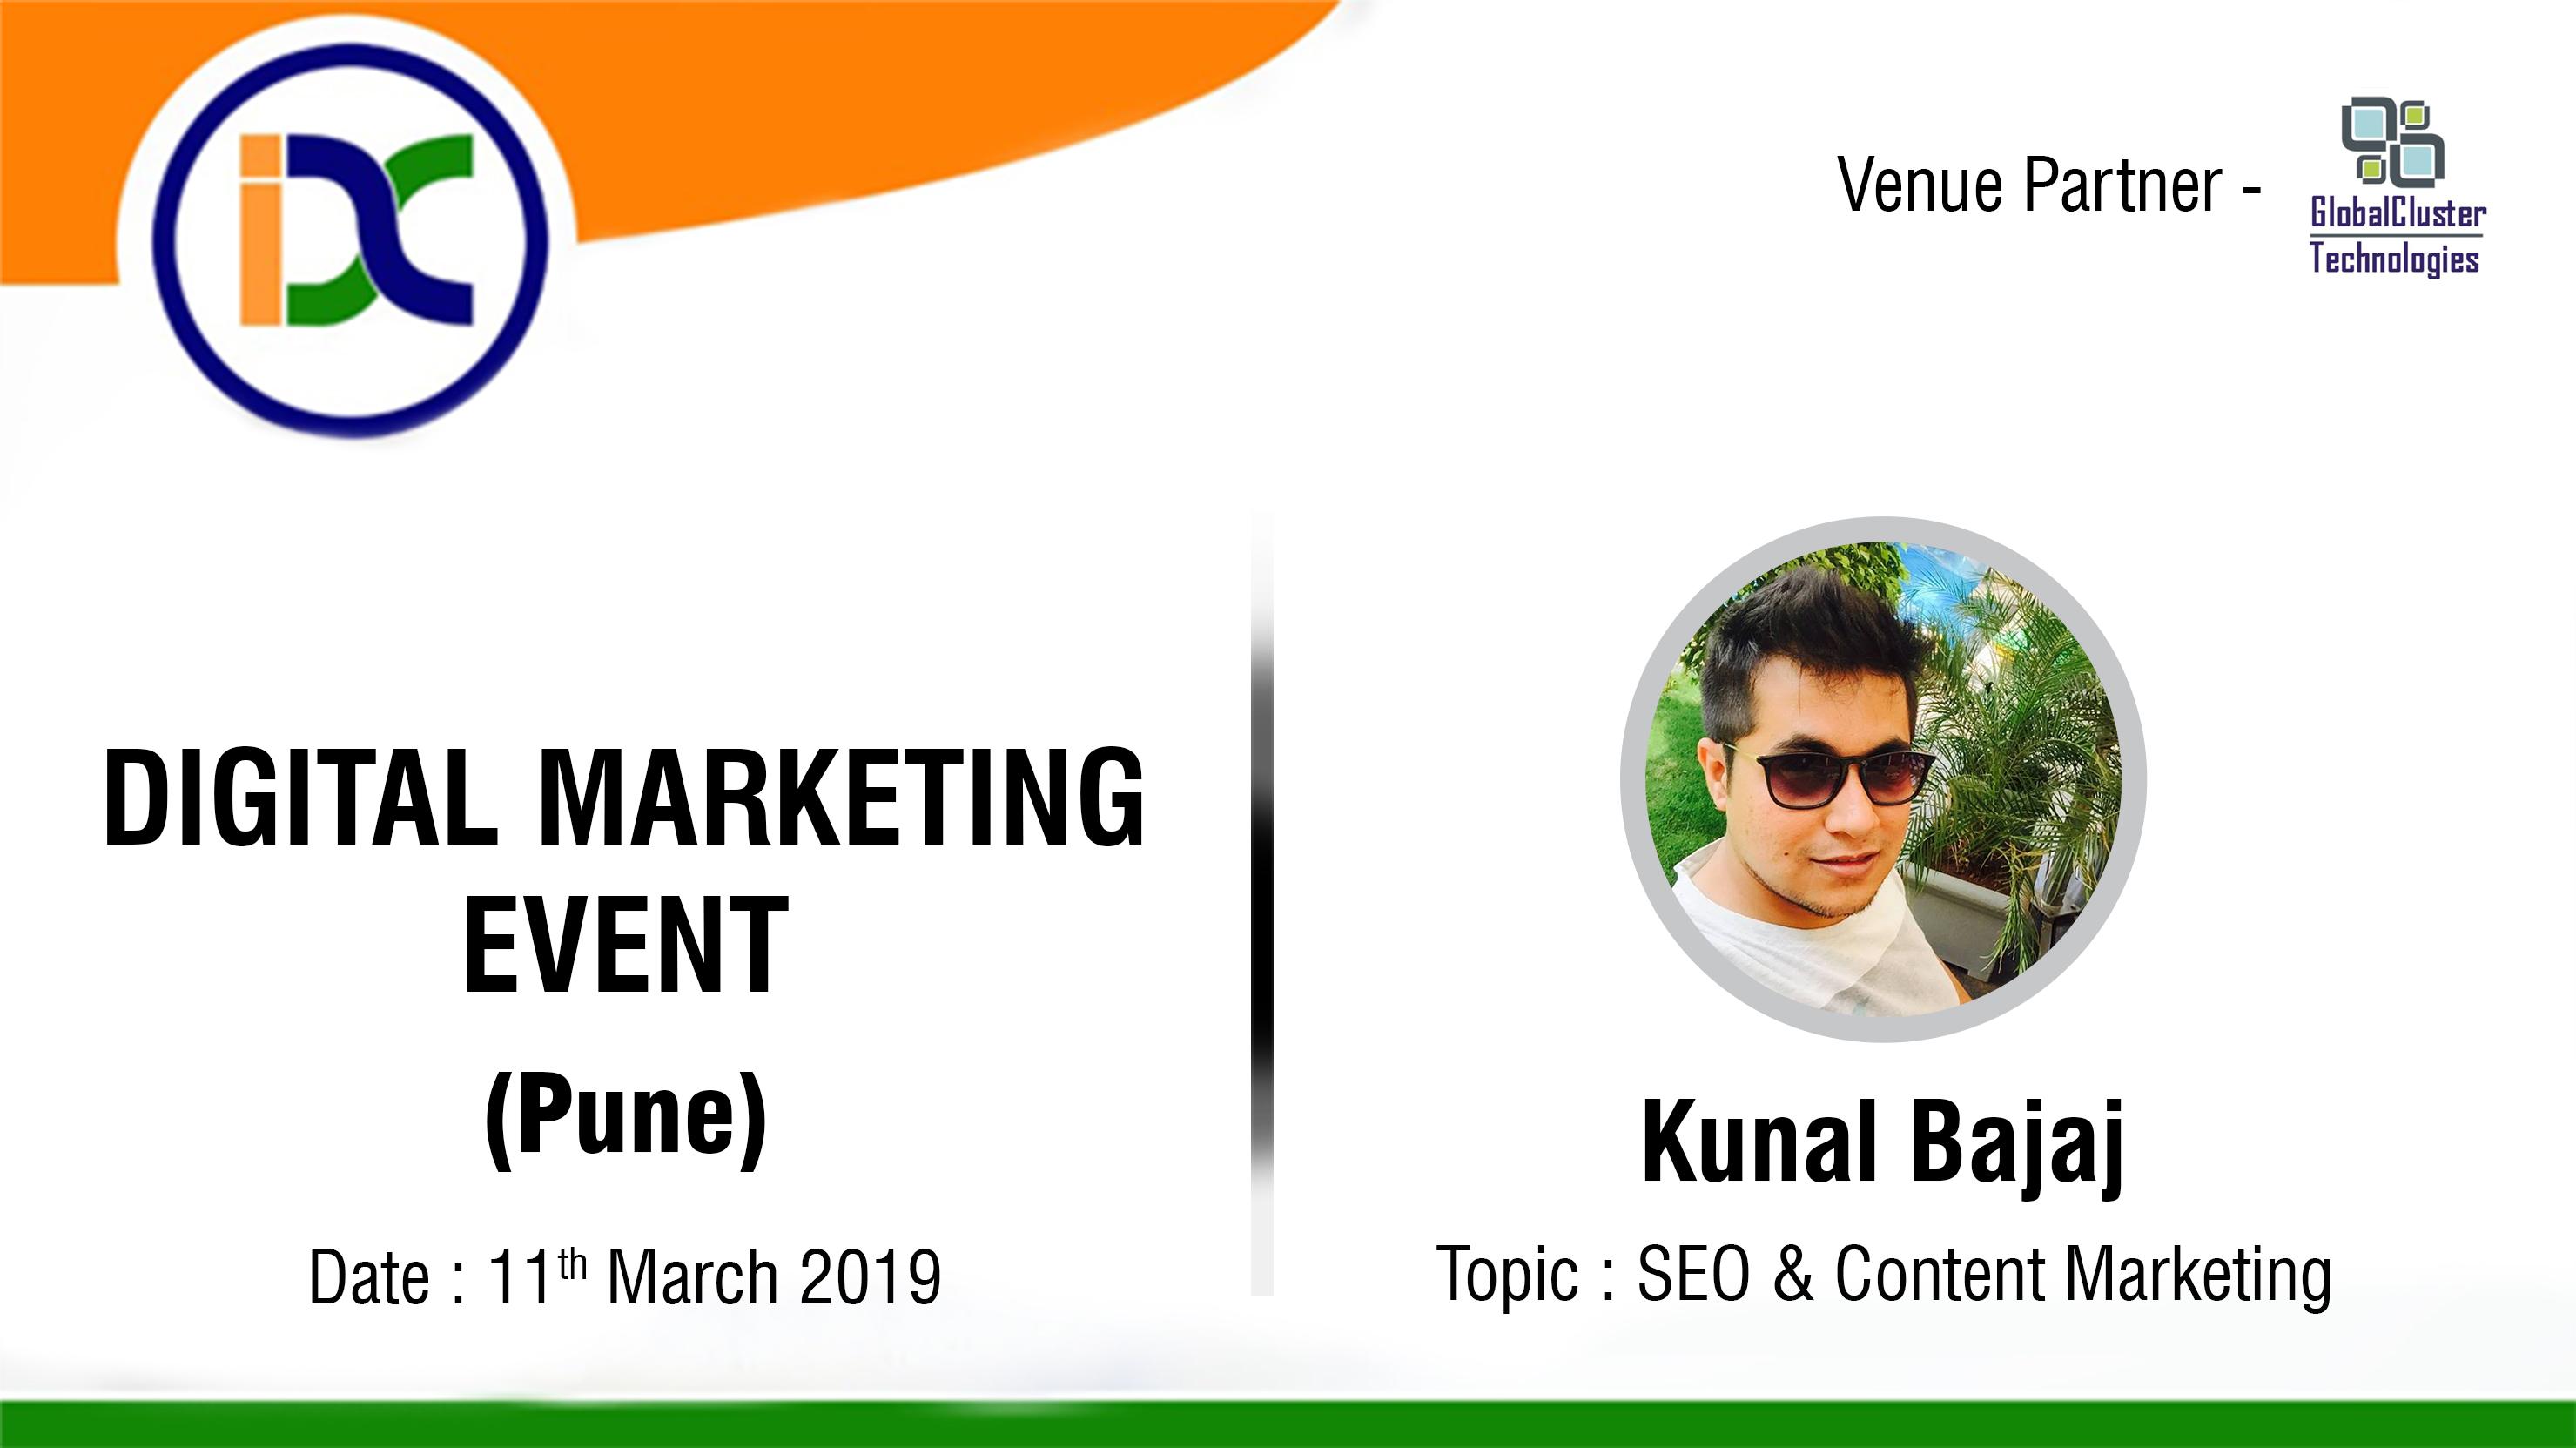 2nd Digital Marketing Meetup in pune with Kunal Bajaj